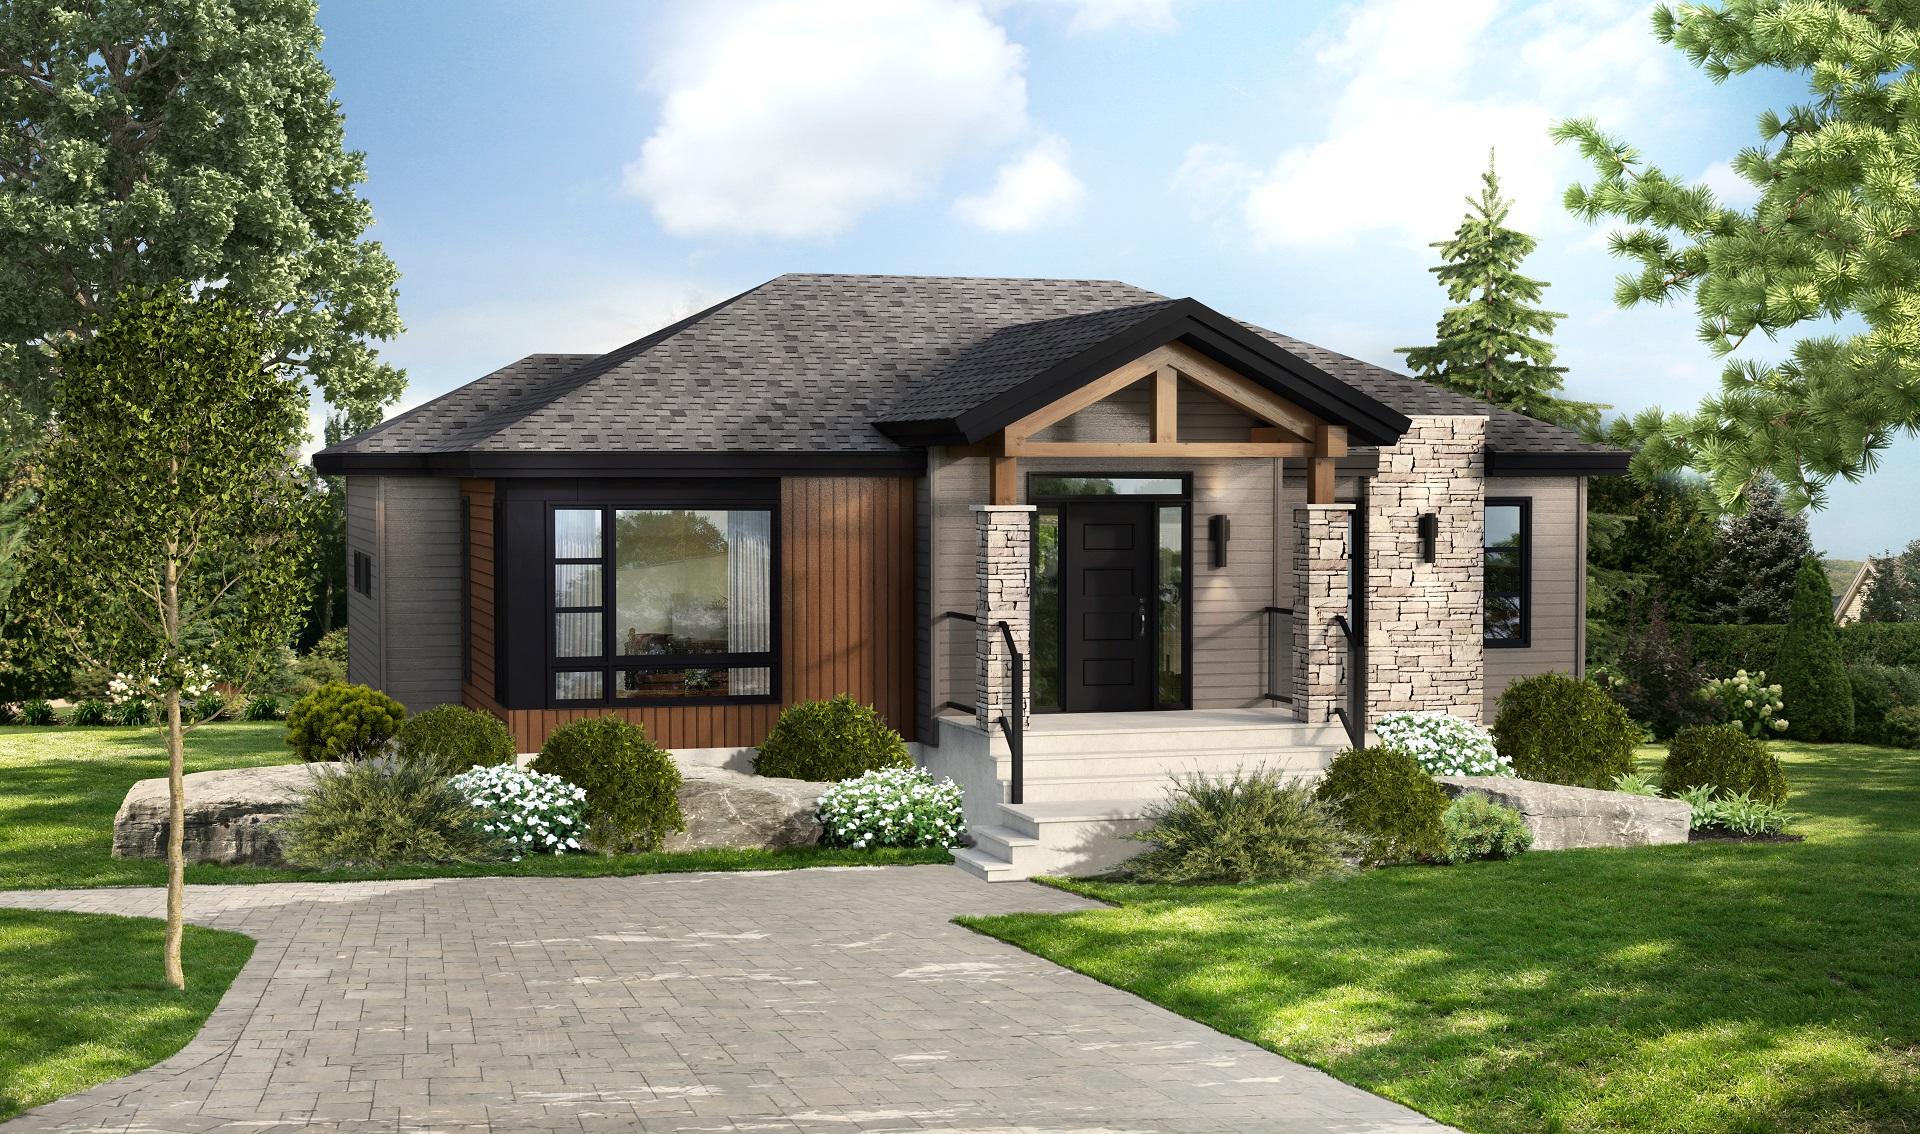 Mod le urbana maison contemporaine et moderne pro fab constructeur de maisons modulaires for Maison profab prix